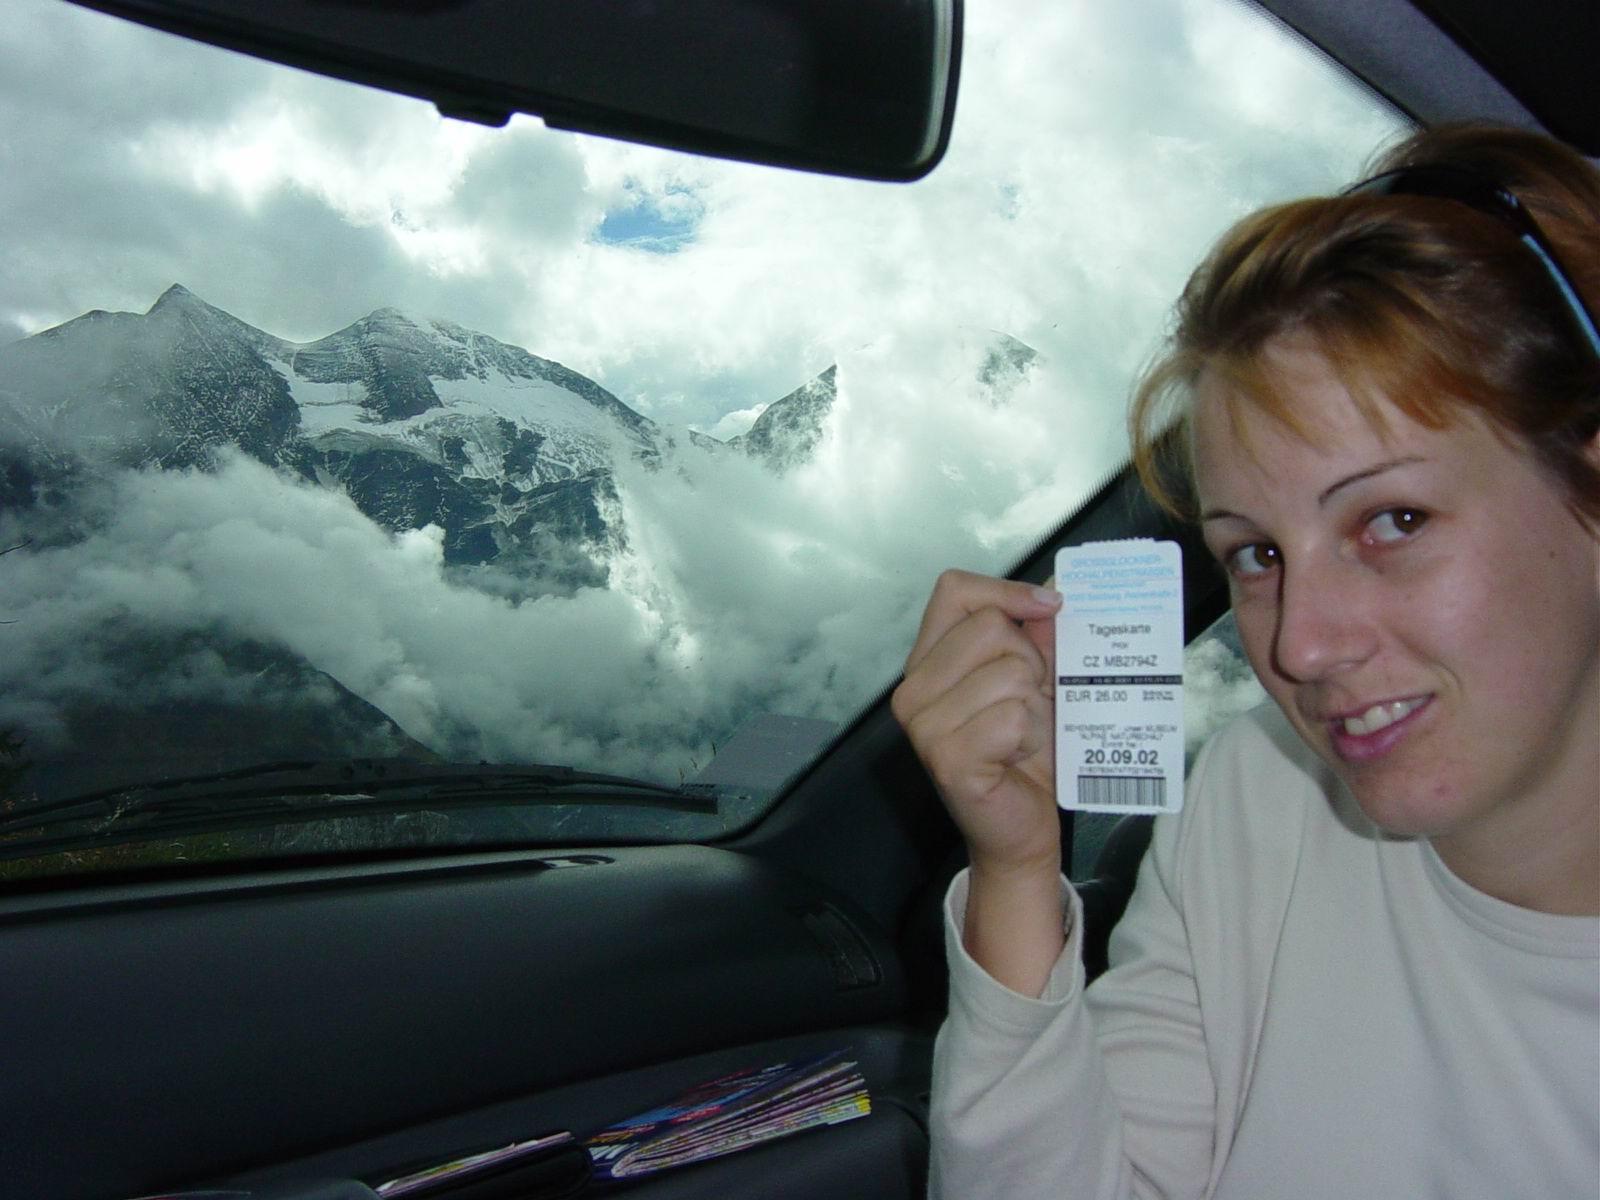 intermot2002gg1.jpg